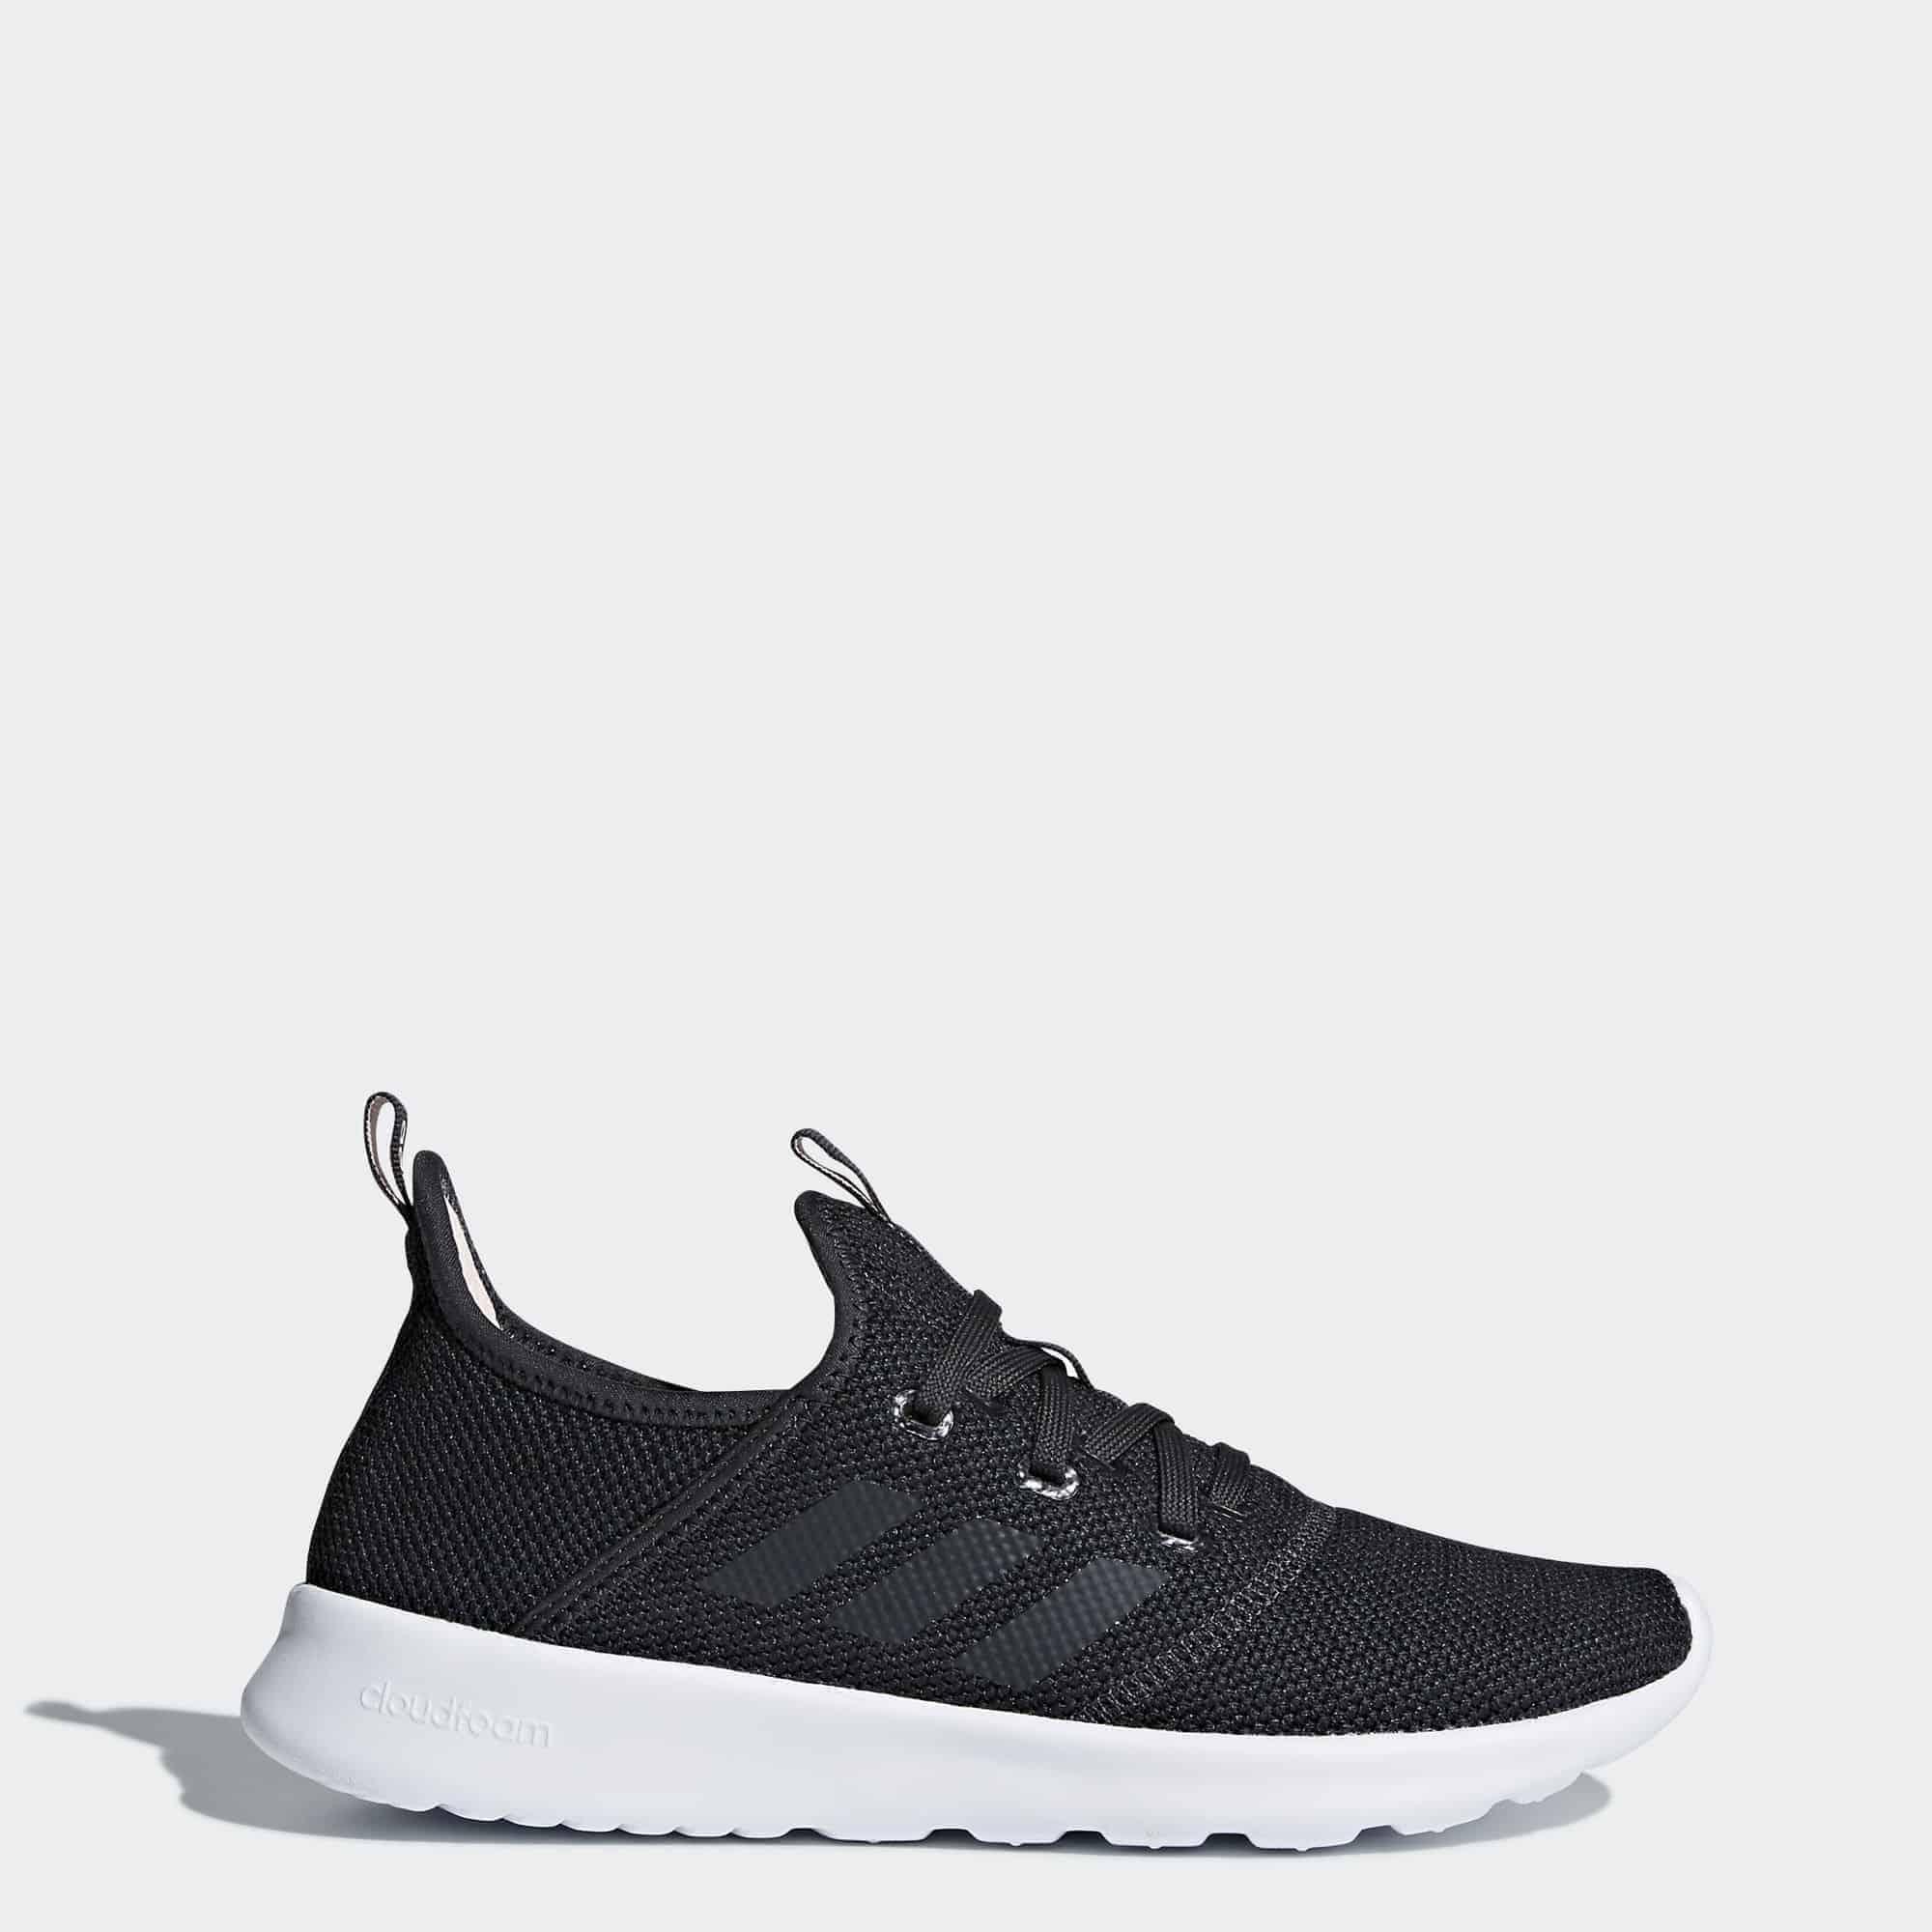 Кроссовки для бега Adidas Cloudfoam Pure мужские